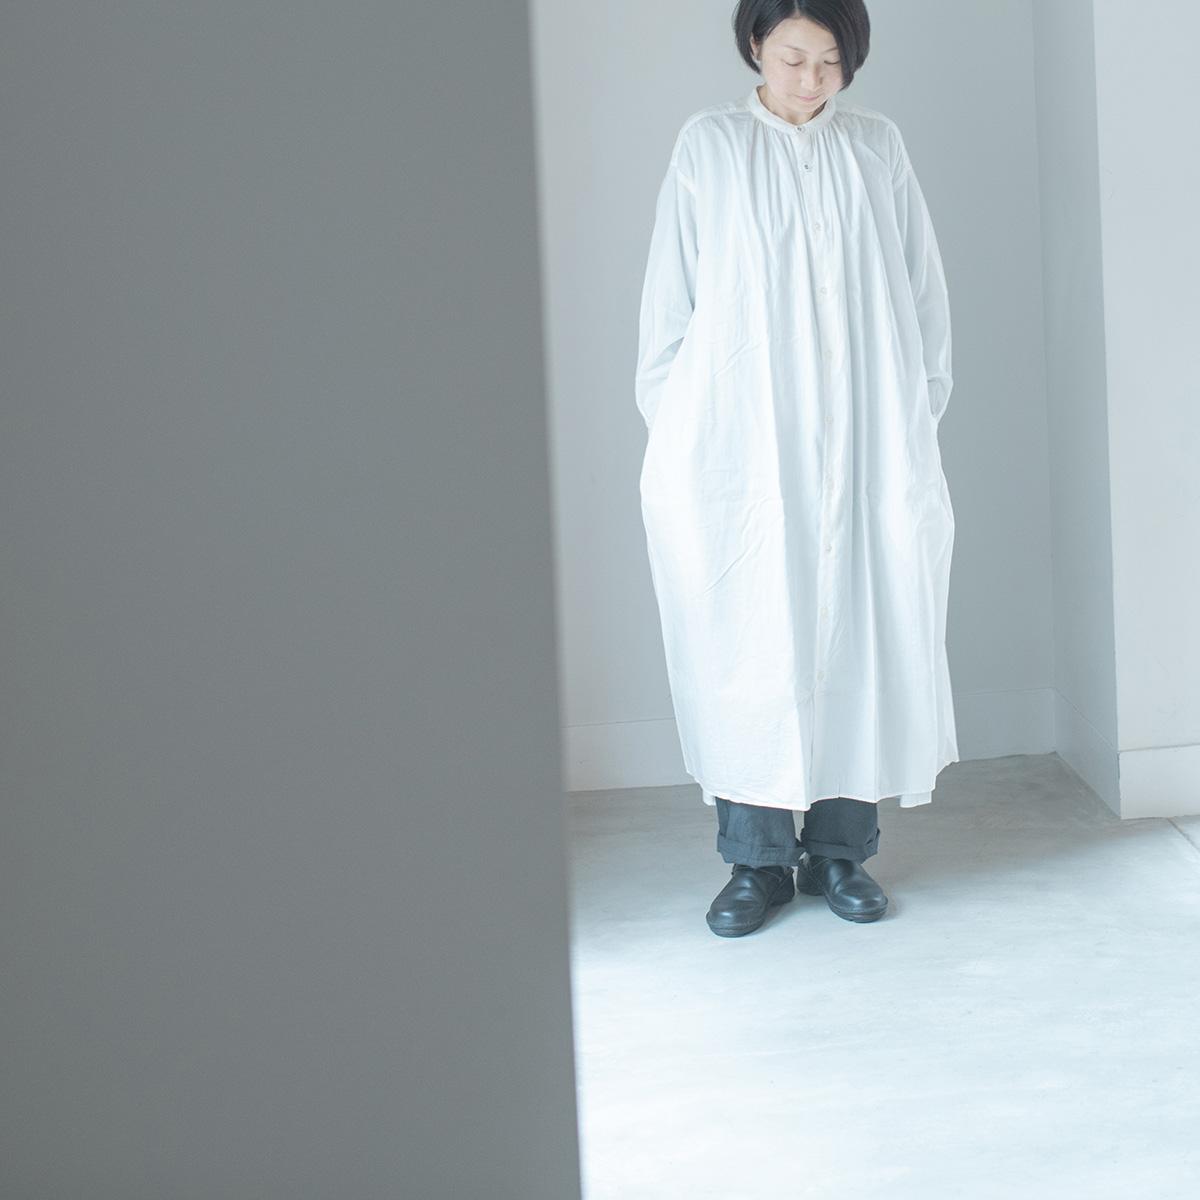 【Art de V. Exhibition – 物語のある衣服たち -】開催中